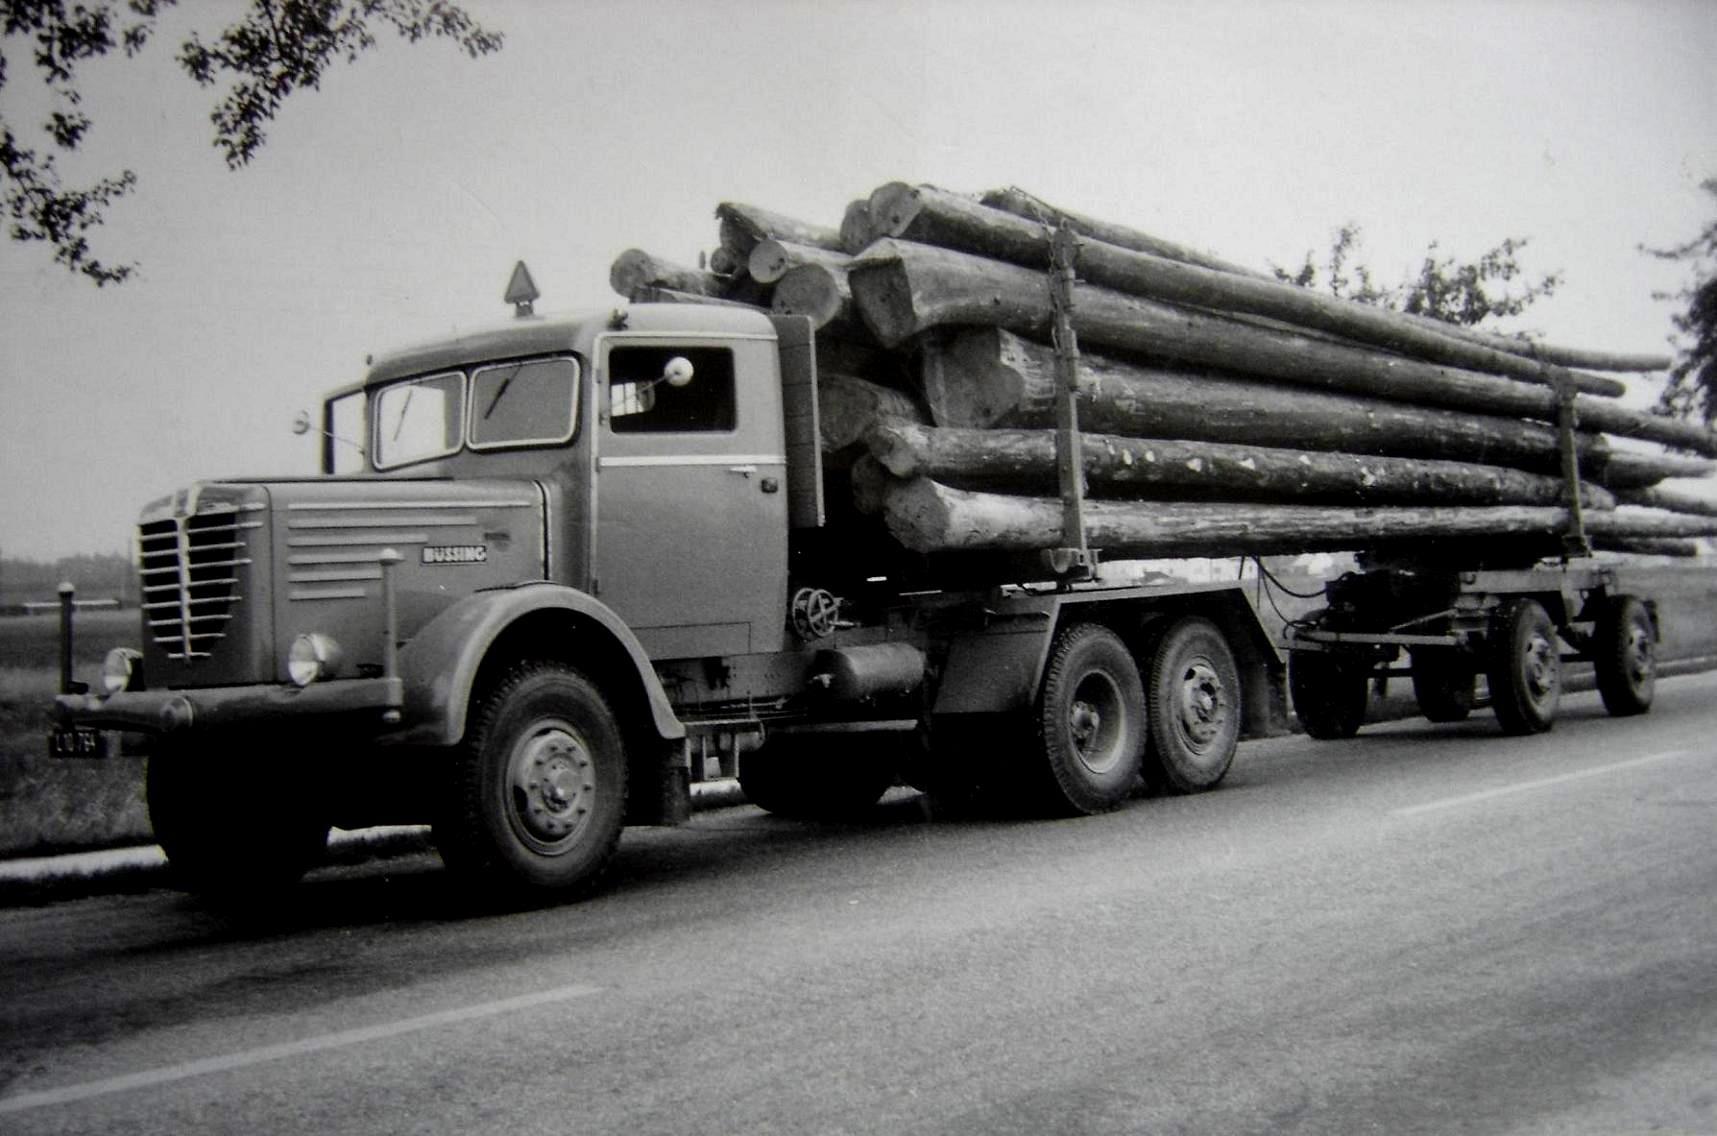 Bussing-NAG-4X4-Type-654